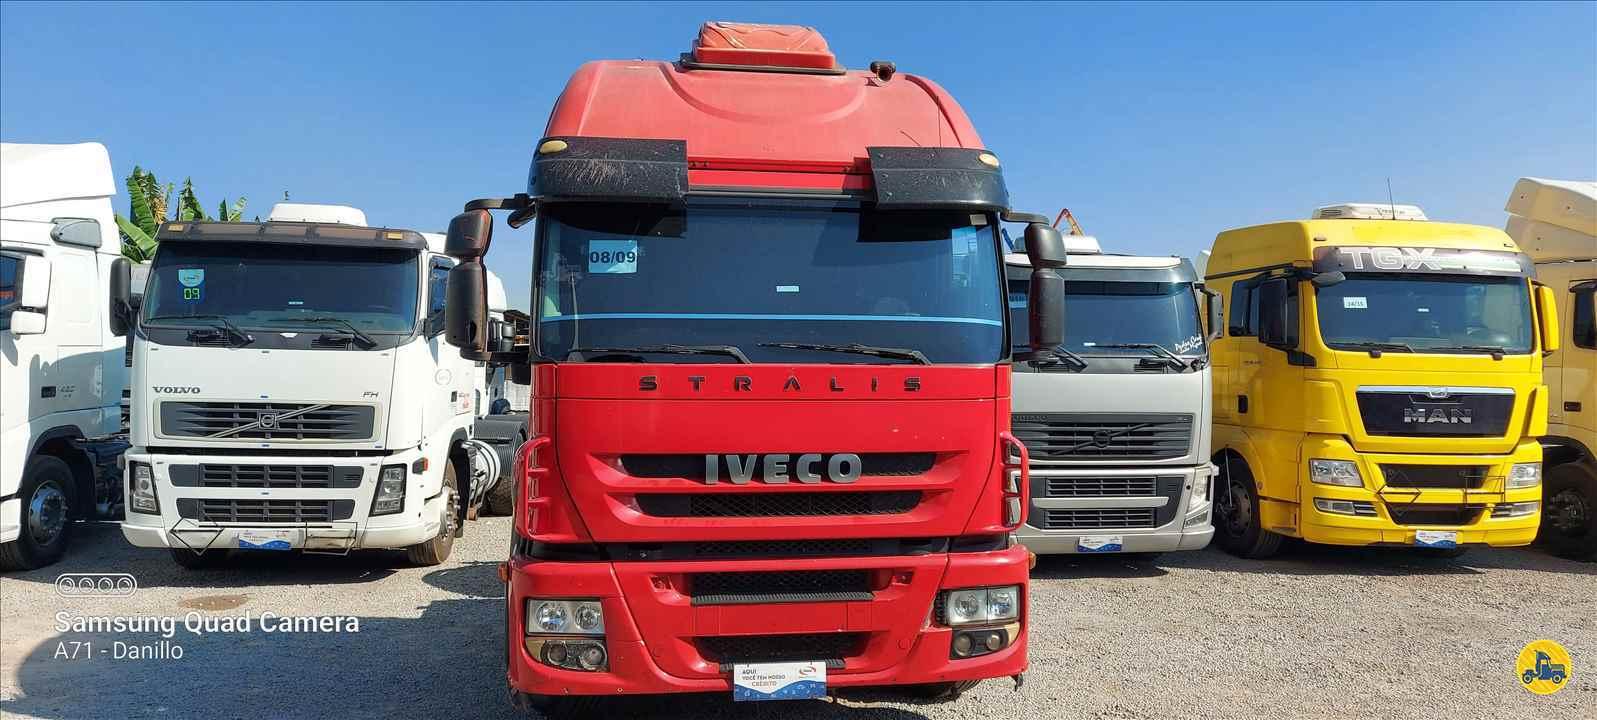 CAMINHAO IVECO STRALIS 380 Cavalo Mecânico Toco 4x2 13 de Maio Caminhões BETIM MINAS GERAIS MG